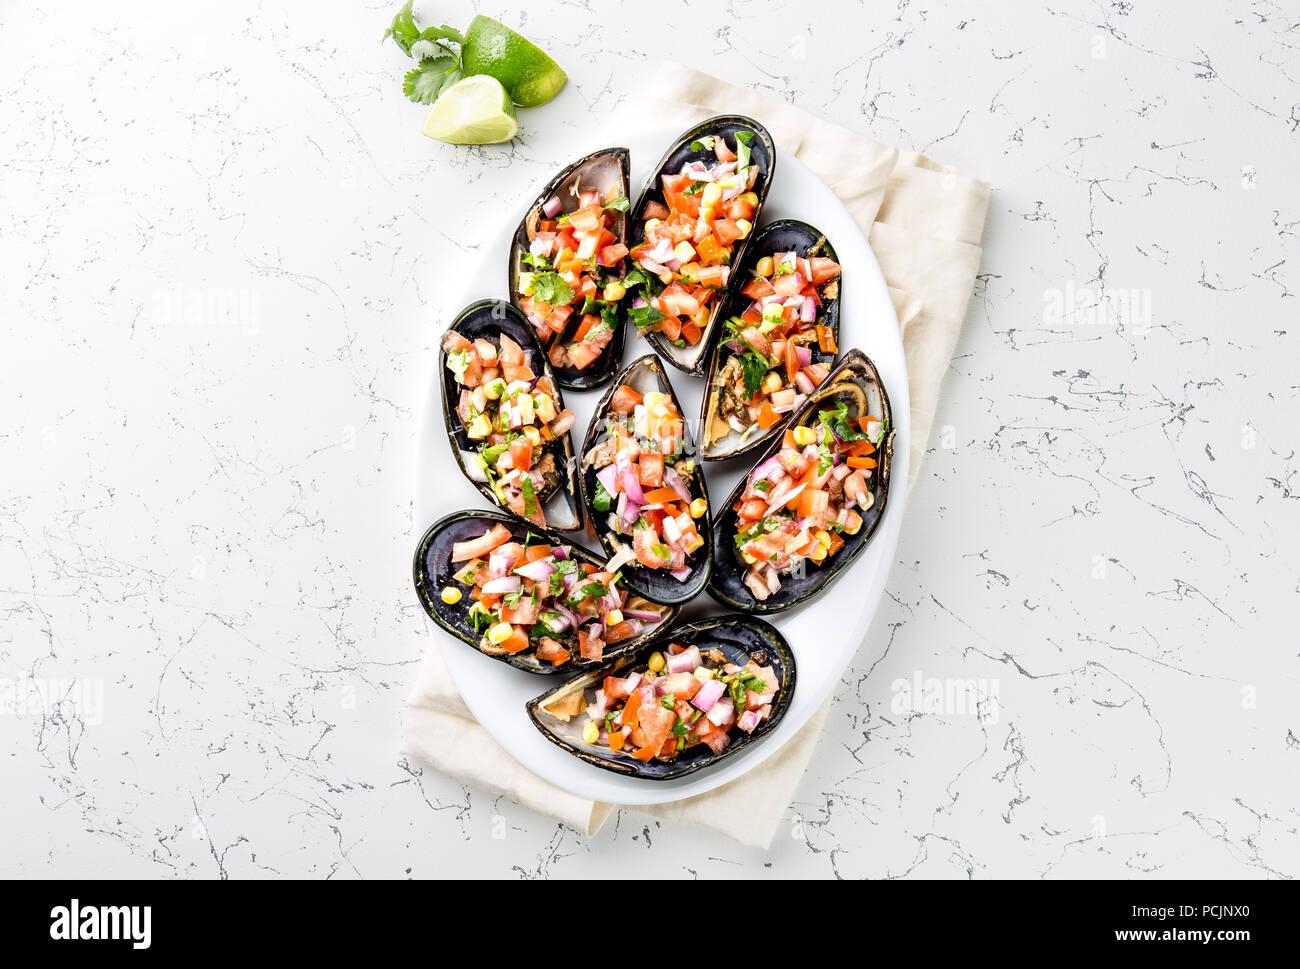 Peruanisches Essen. Choros a la chalaca. Große Muscheln, Choros zapatos gewürzt mit lila Zwiebeln, Tomaten, Mais und Zitrone. Ansicht von oben, weißen Hintergrund. Die peruanische Gericht Stockfoto